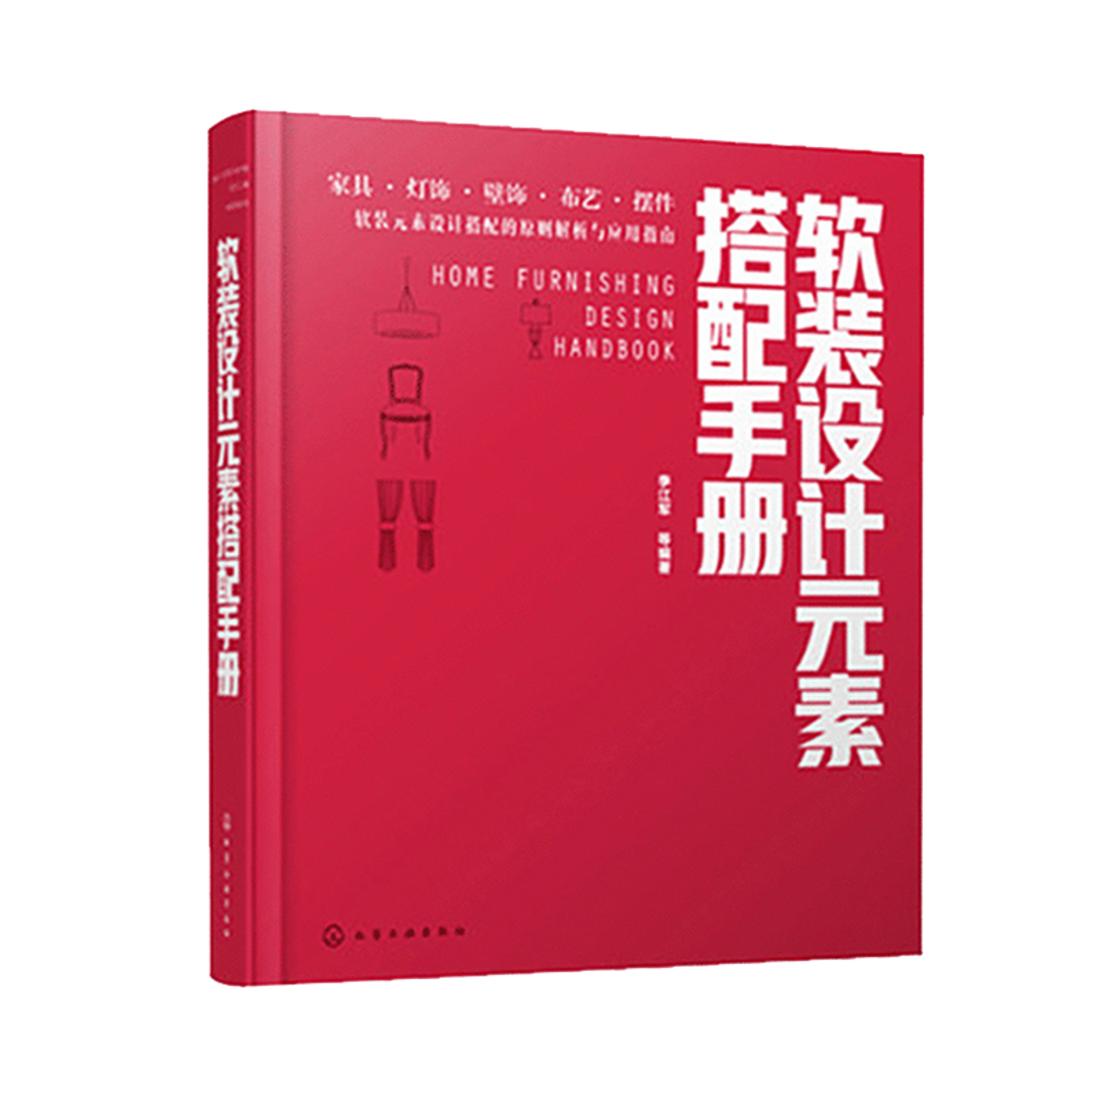 《软装设计元素搭配手册》